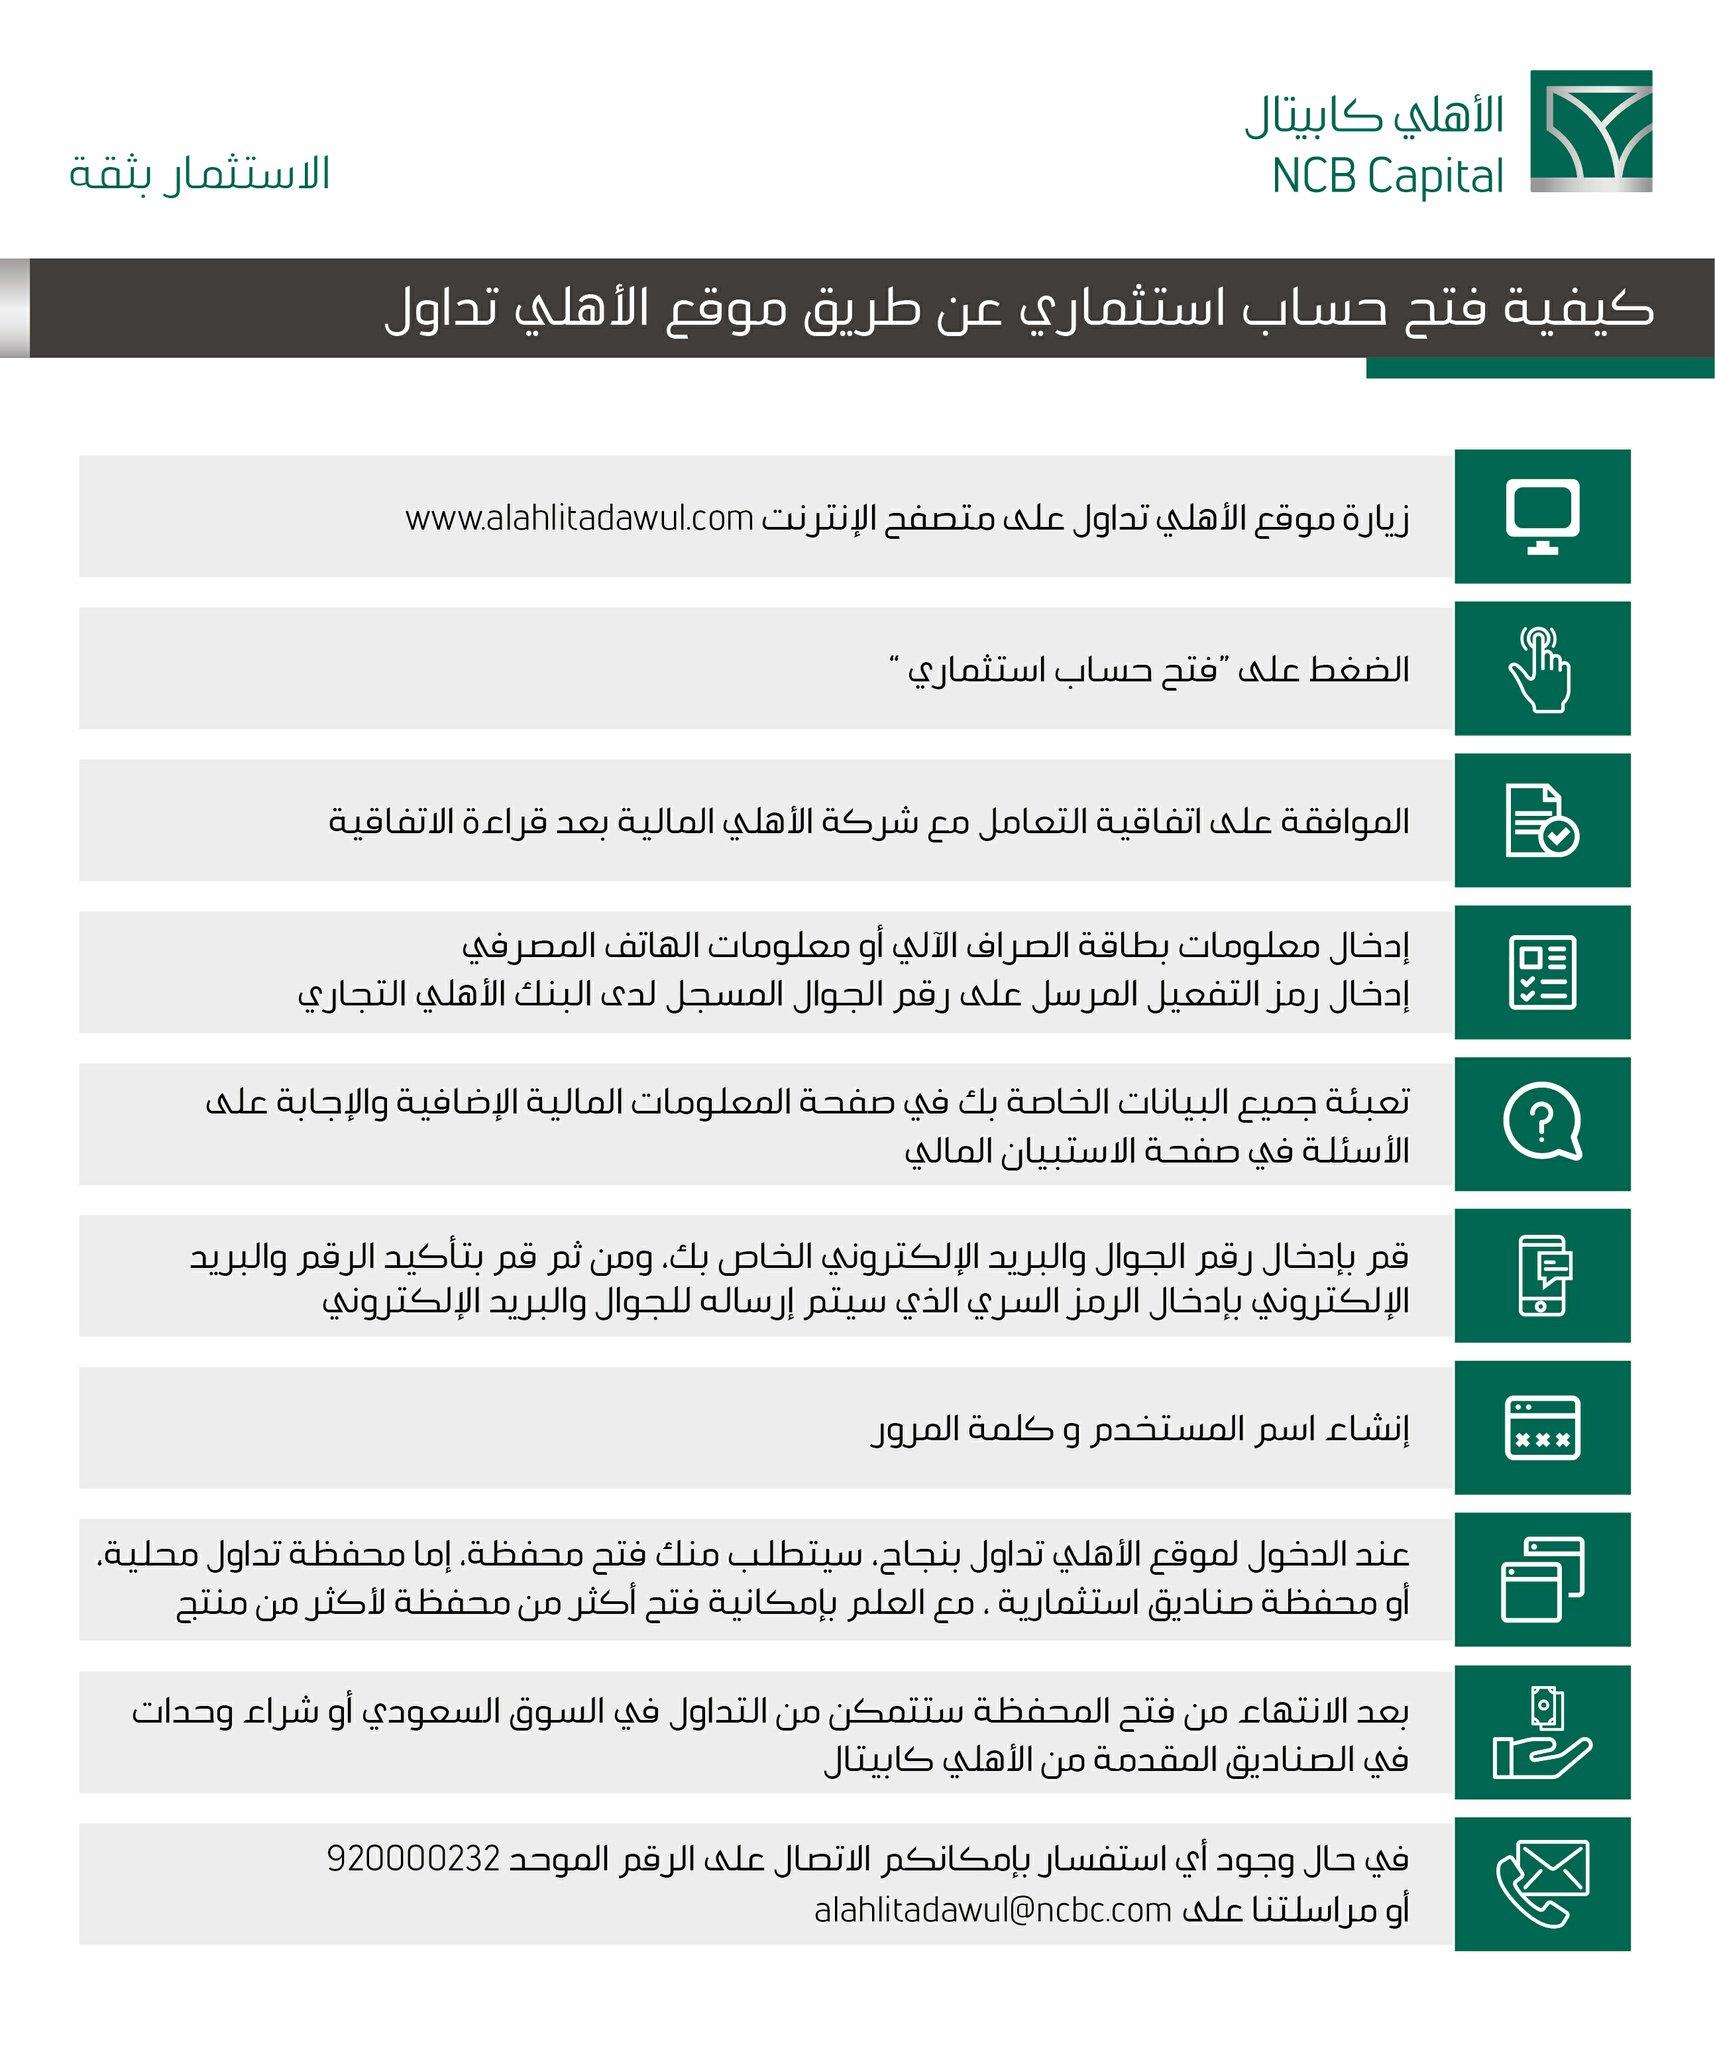 خريف جنوب غرب جدول البنك الاهلي السعودي تحديث بيانات المحفظة Cazeres Arthurimmo Com